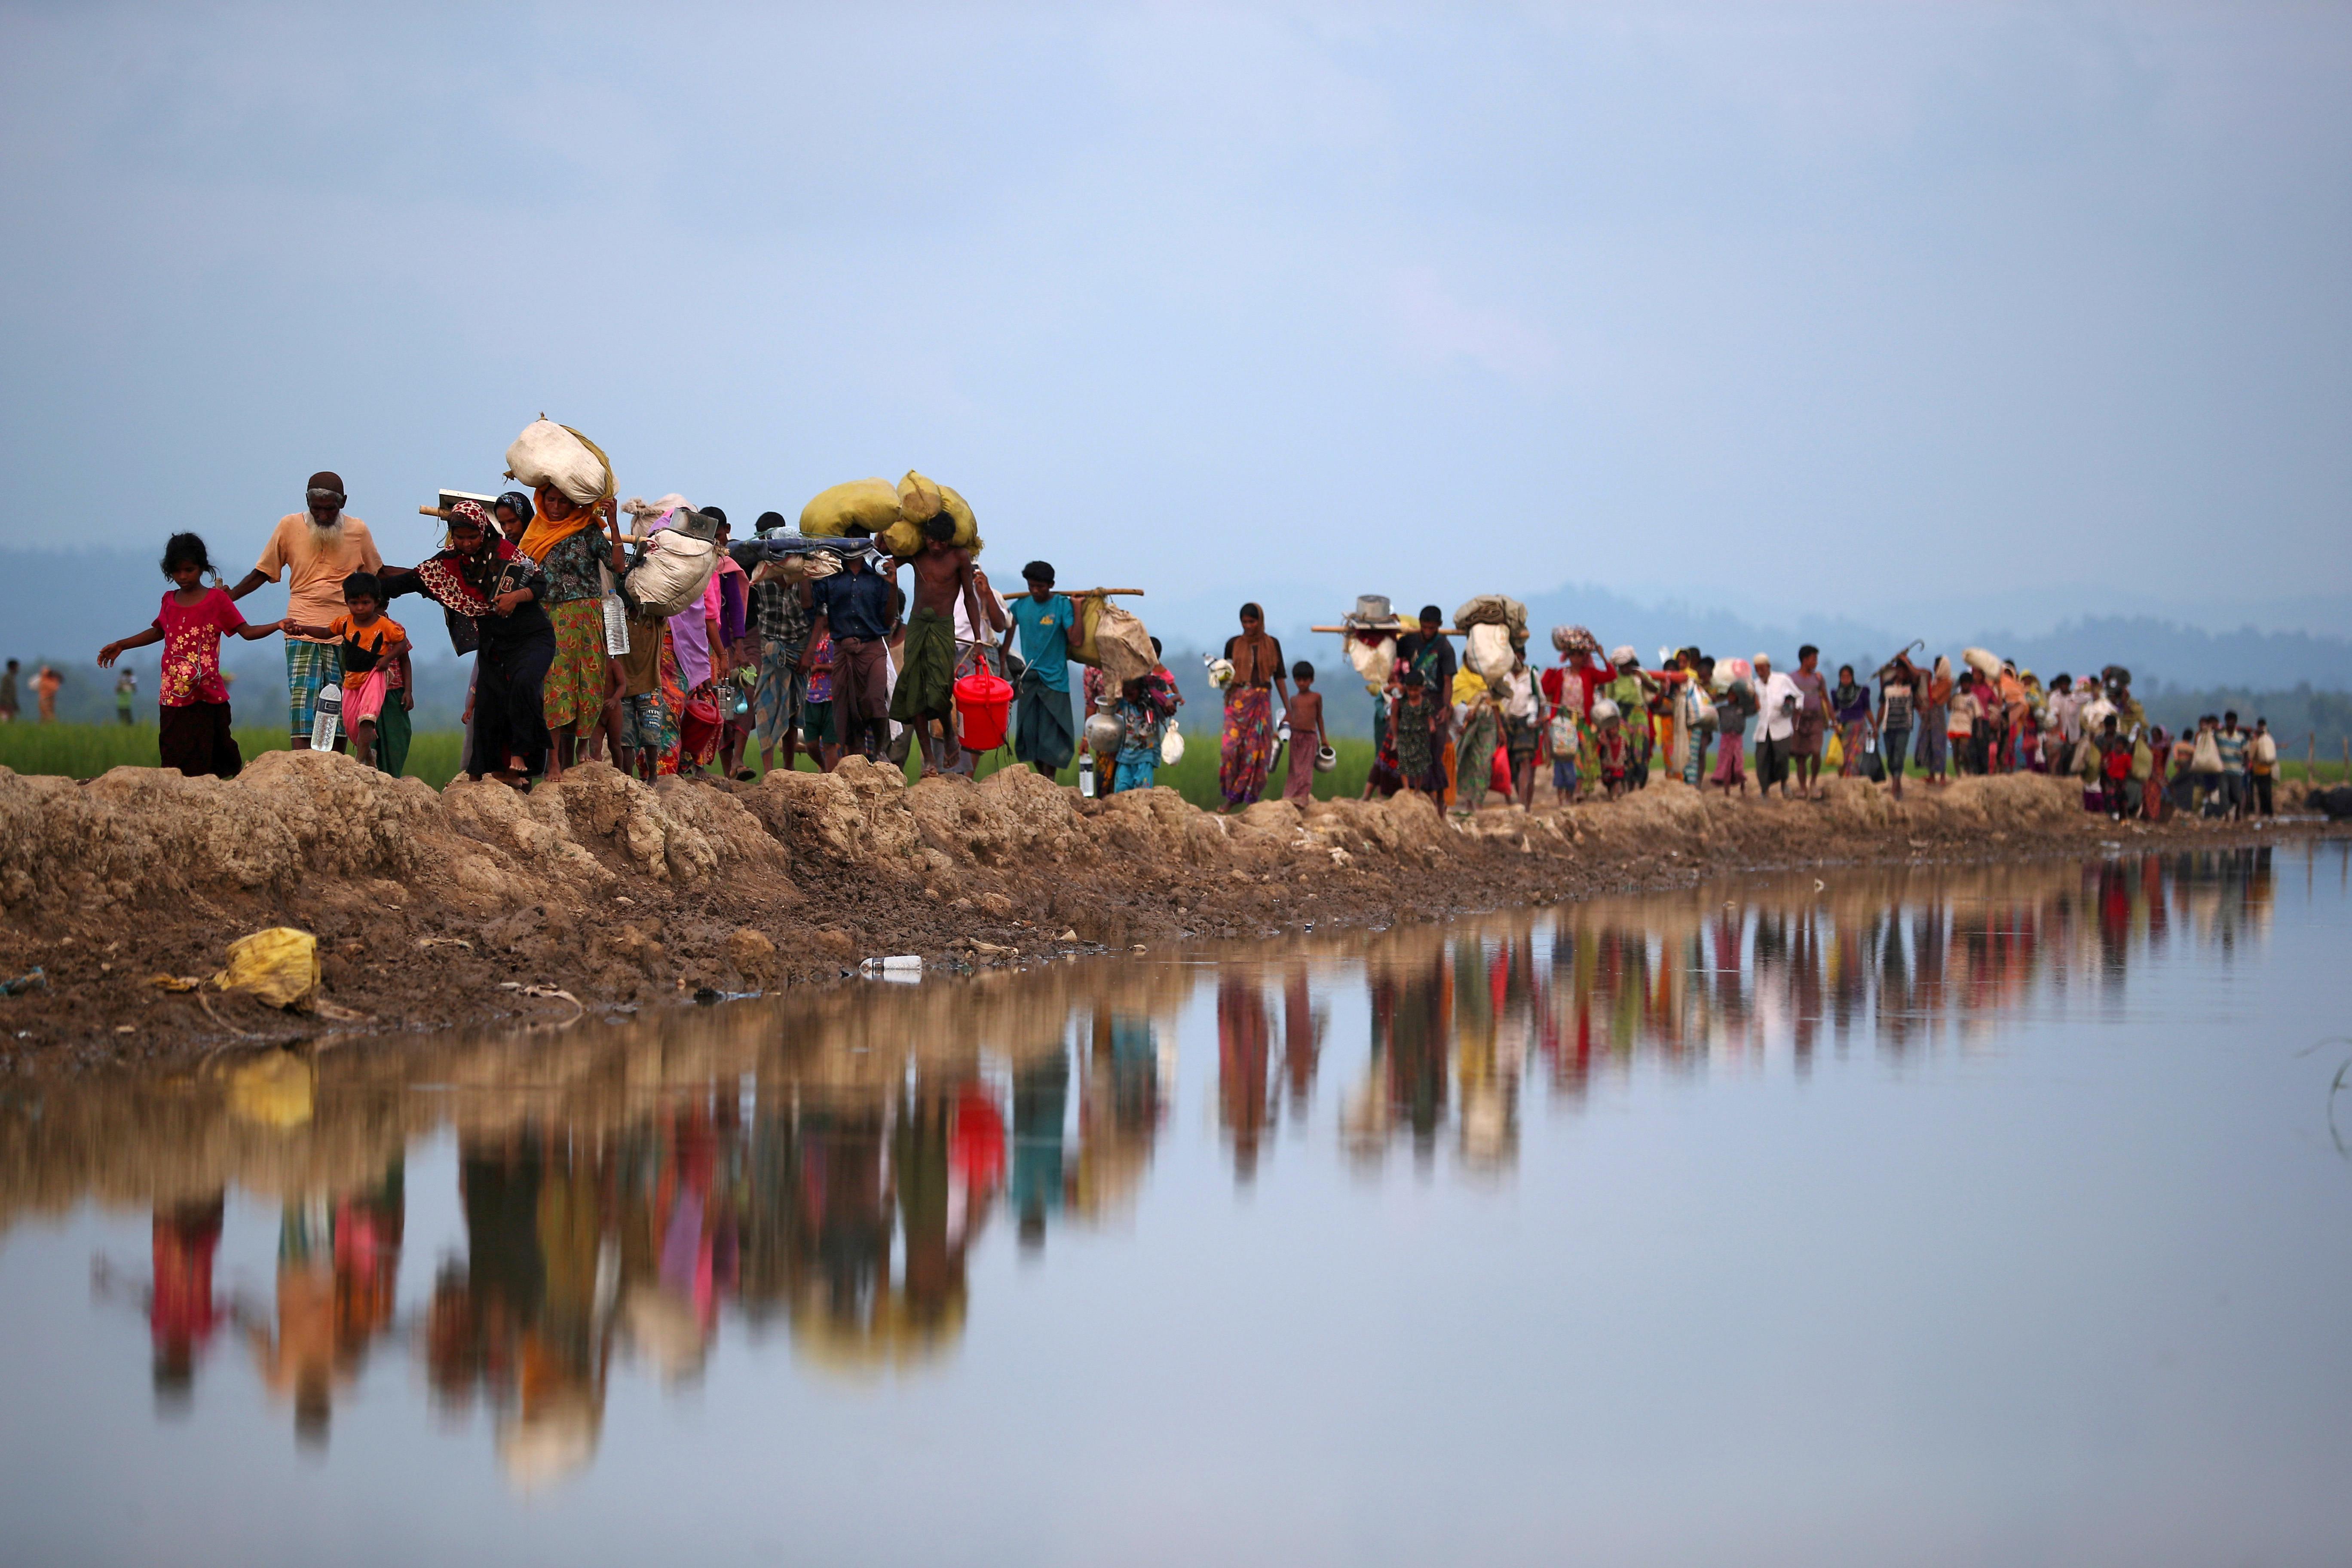 Deux ans plus tard, un regard sur la crise Rohingya